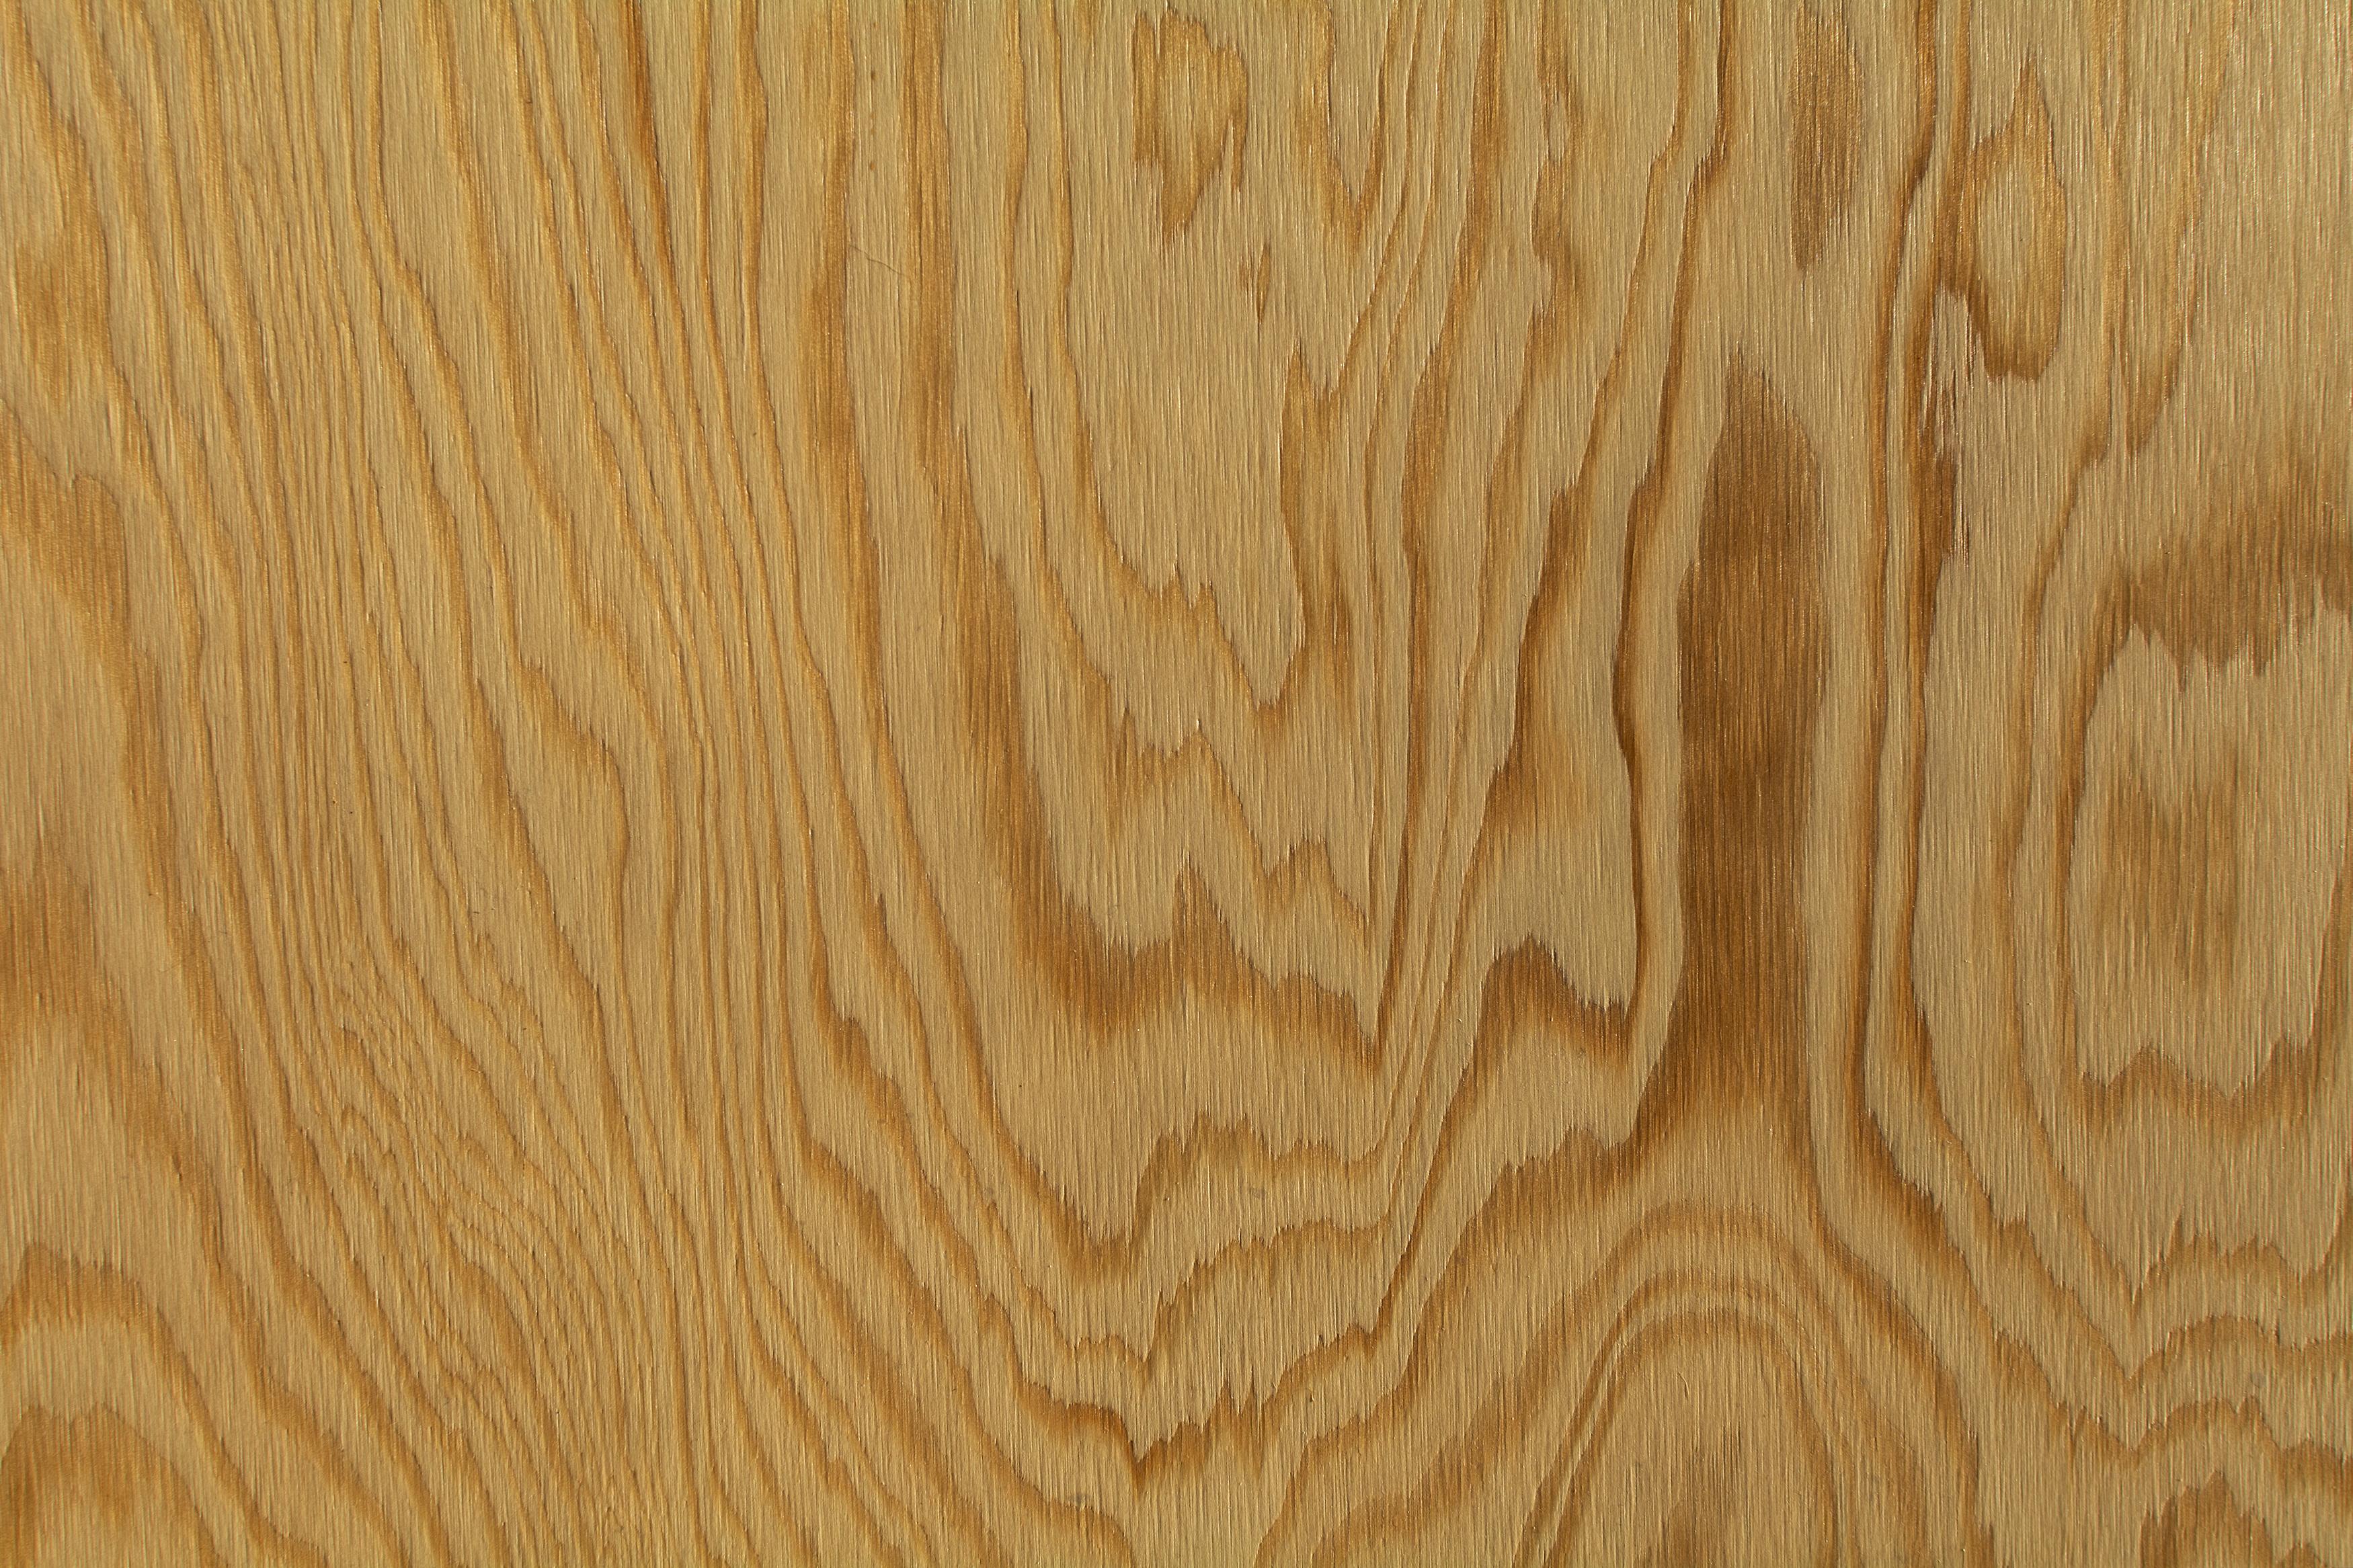 Free Image: Wood Background - Pattern | Libreshot Public Domain Photos